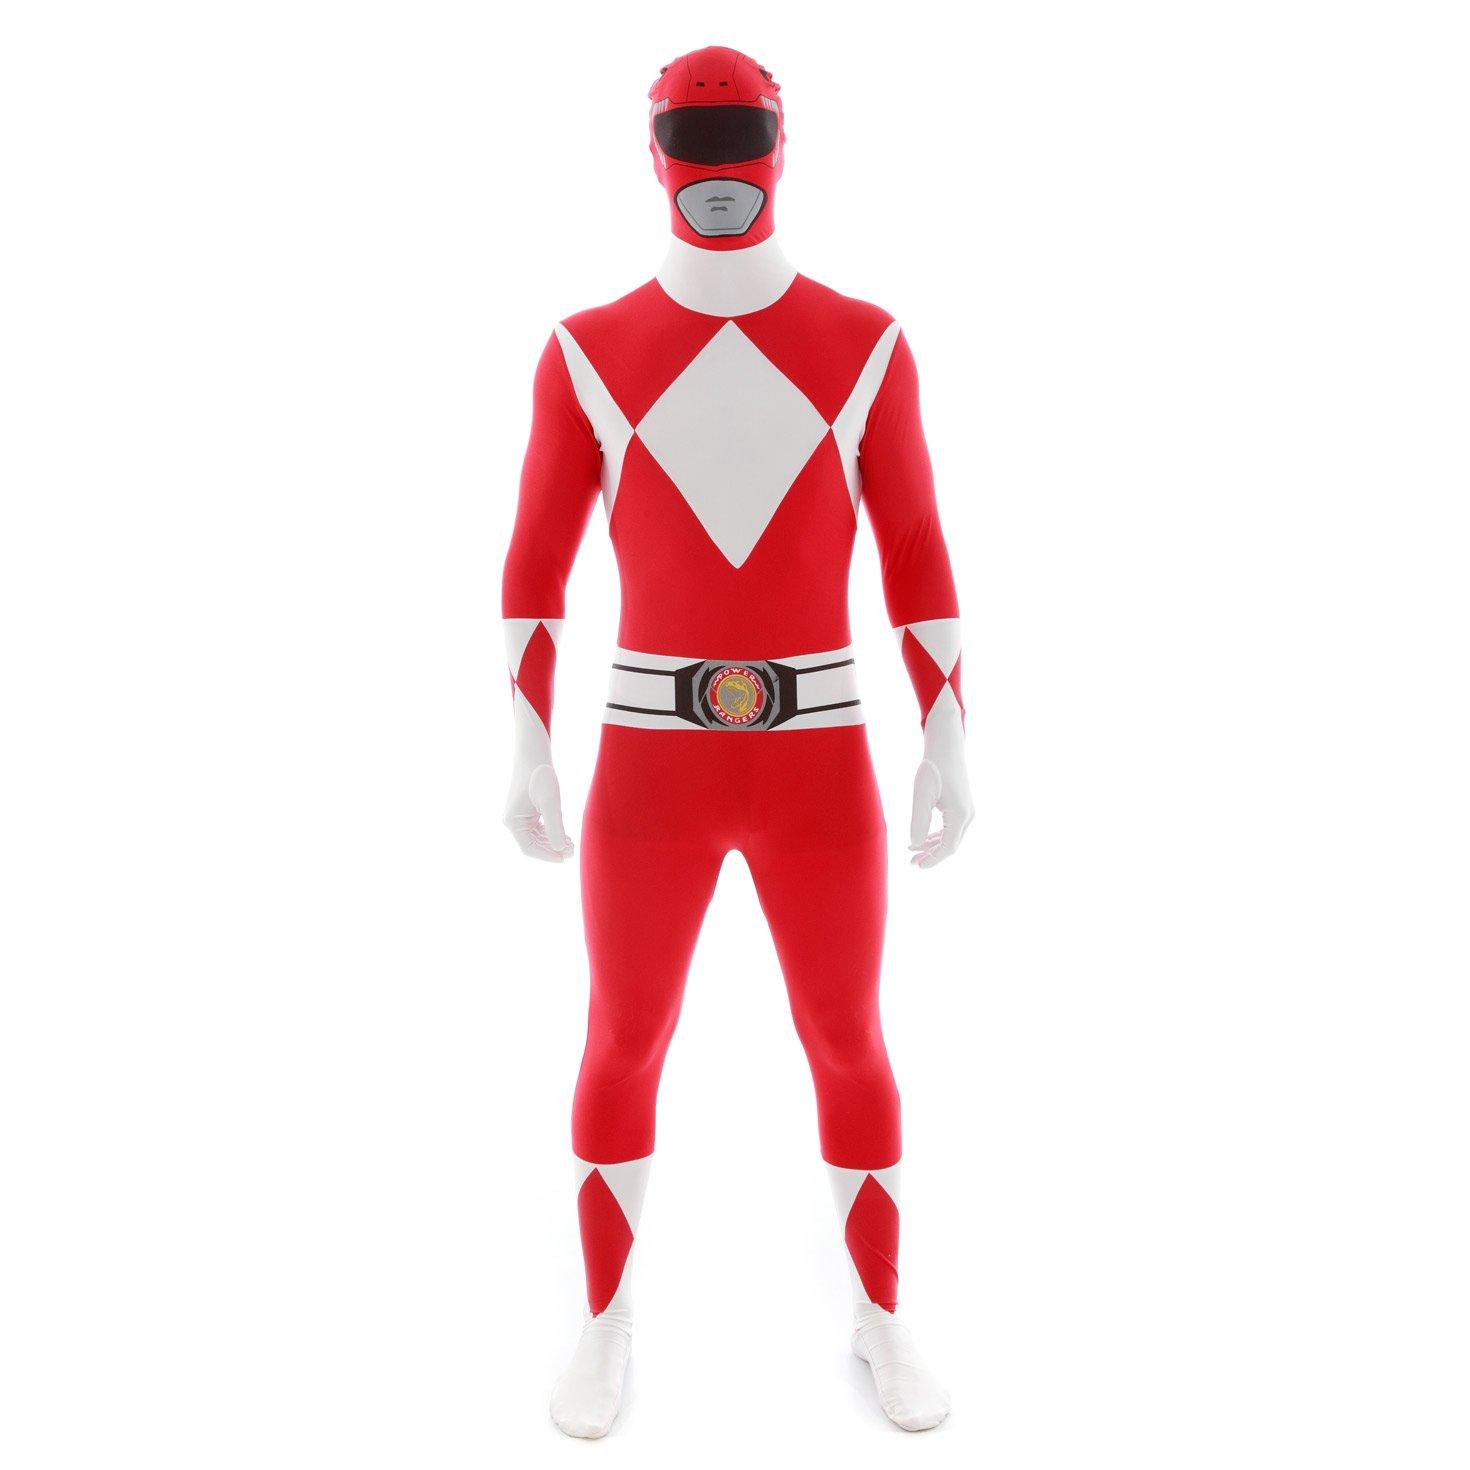 Morphsuits Offiziell Erwachsene Rot Power Ranger Kostüm - Größe X-Groß 5'10  - 6'1  (176cm-185cm) B00ITSYG6E Kostüme für Erwachsene Niedriger Preis und gute Qualität  | Verschiedene Waren